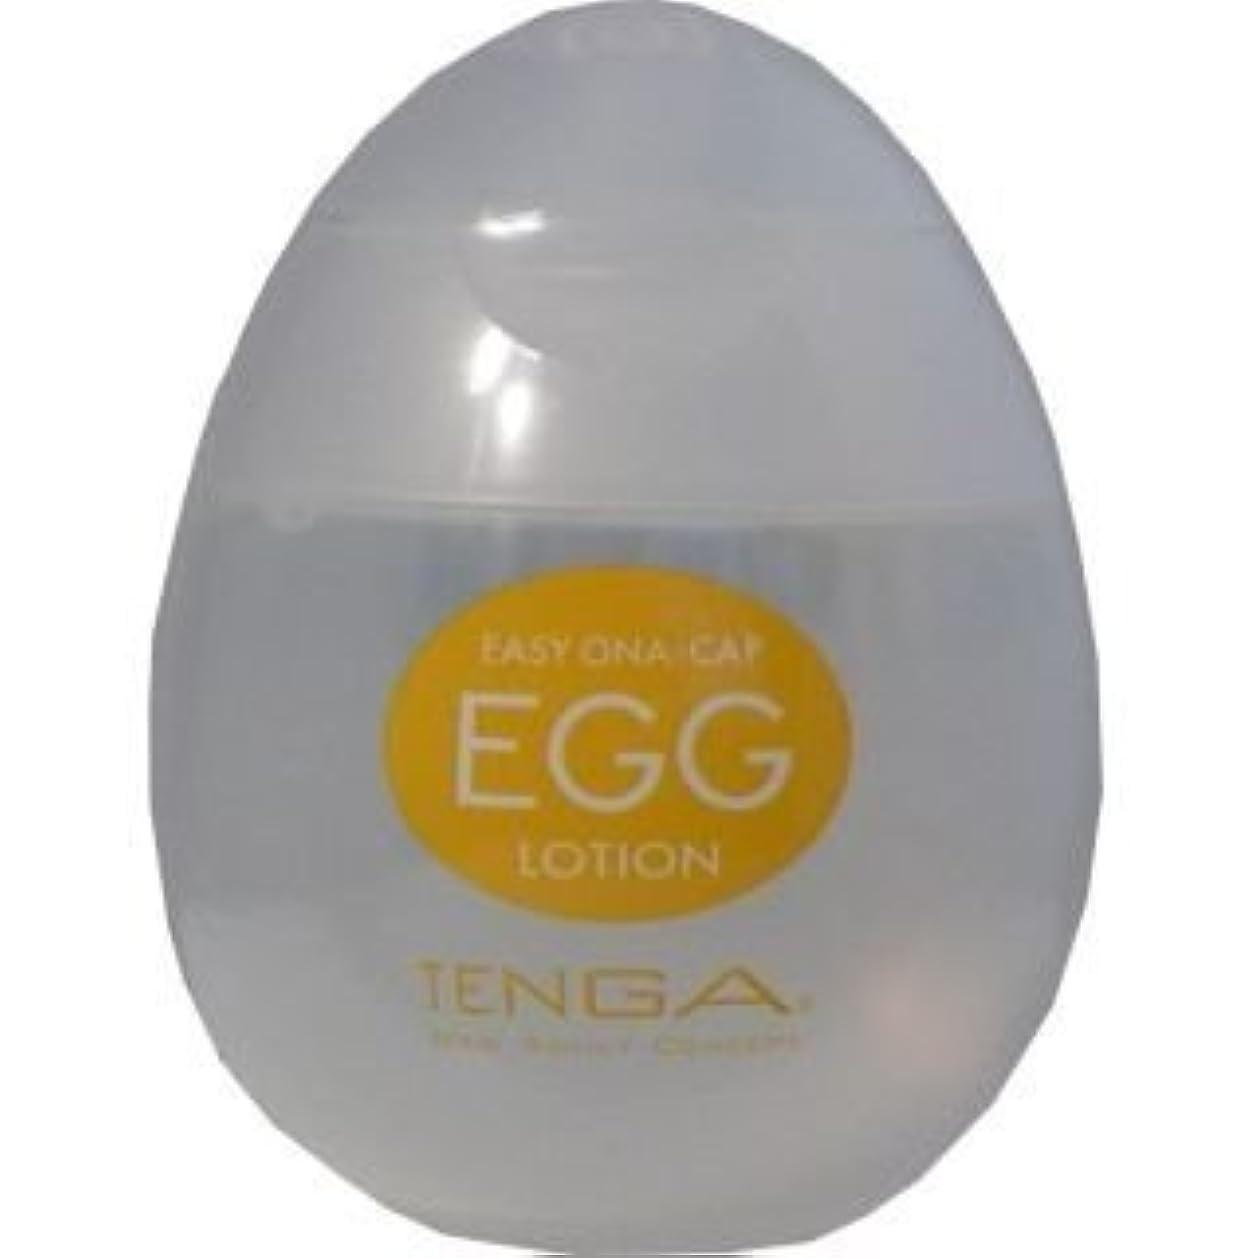 動かない時々時々マイルストーン保湿成分配合で潤い長持ち!TENGA(テンガ) EGG LOTION(エッグローション) EGGL-001【2個セット】